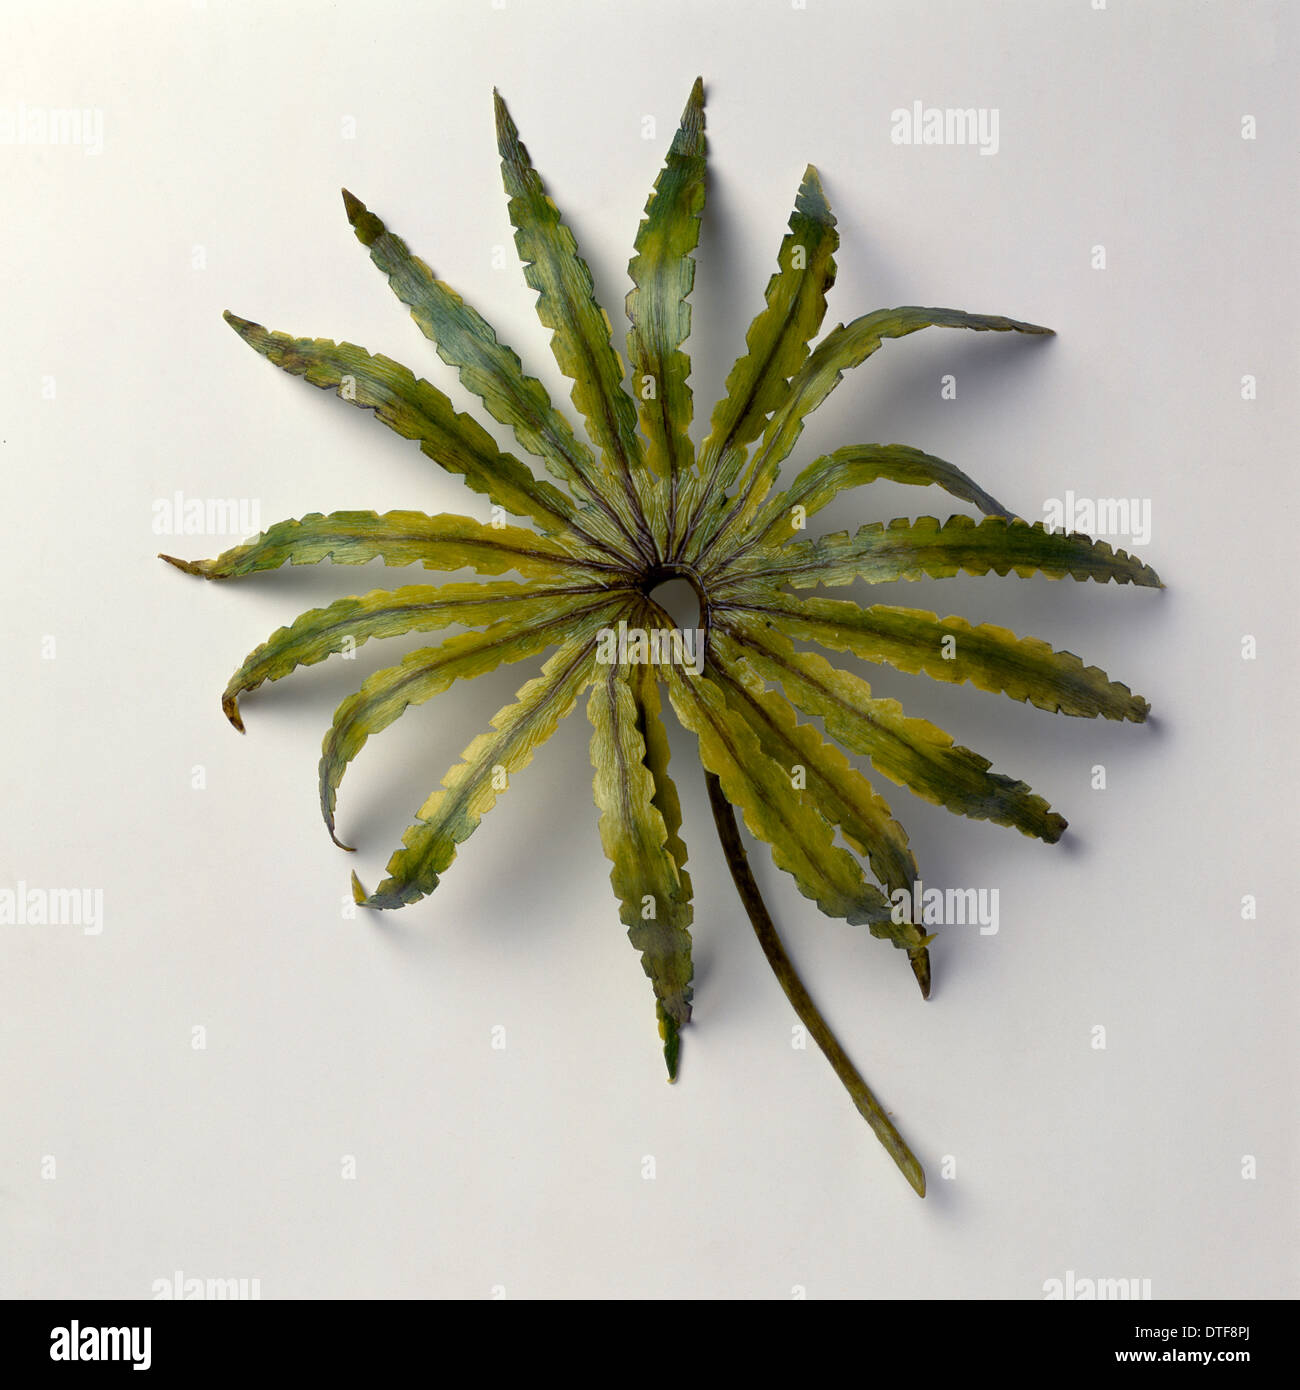 Gleichenites, finales del Jurásico fern Imagen De Stock